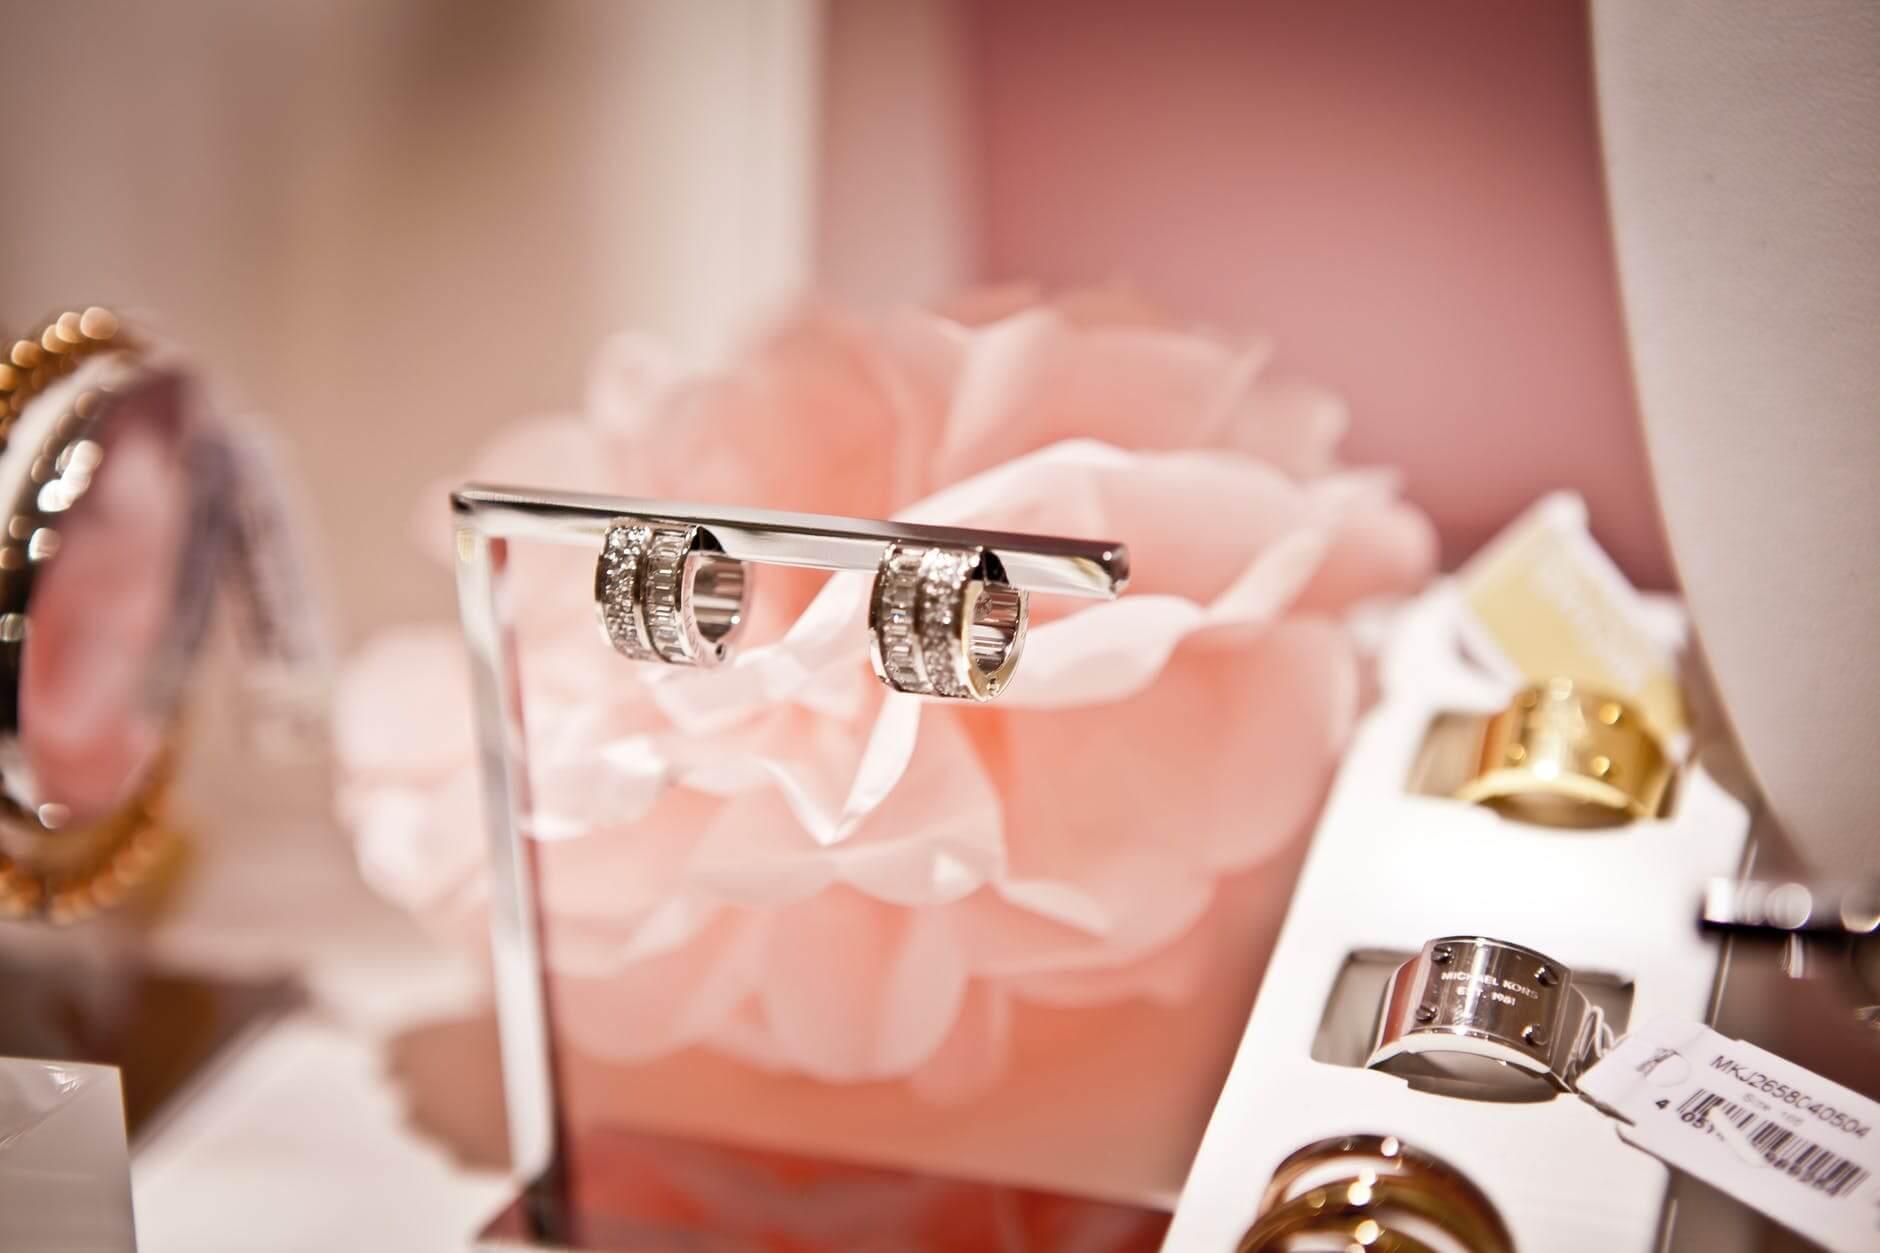 Cadouri pentru ziua indragostitilor - Suport pentru bijuterii gravate - Valentine's Day